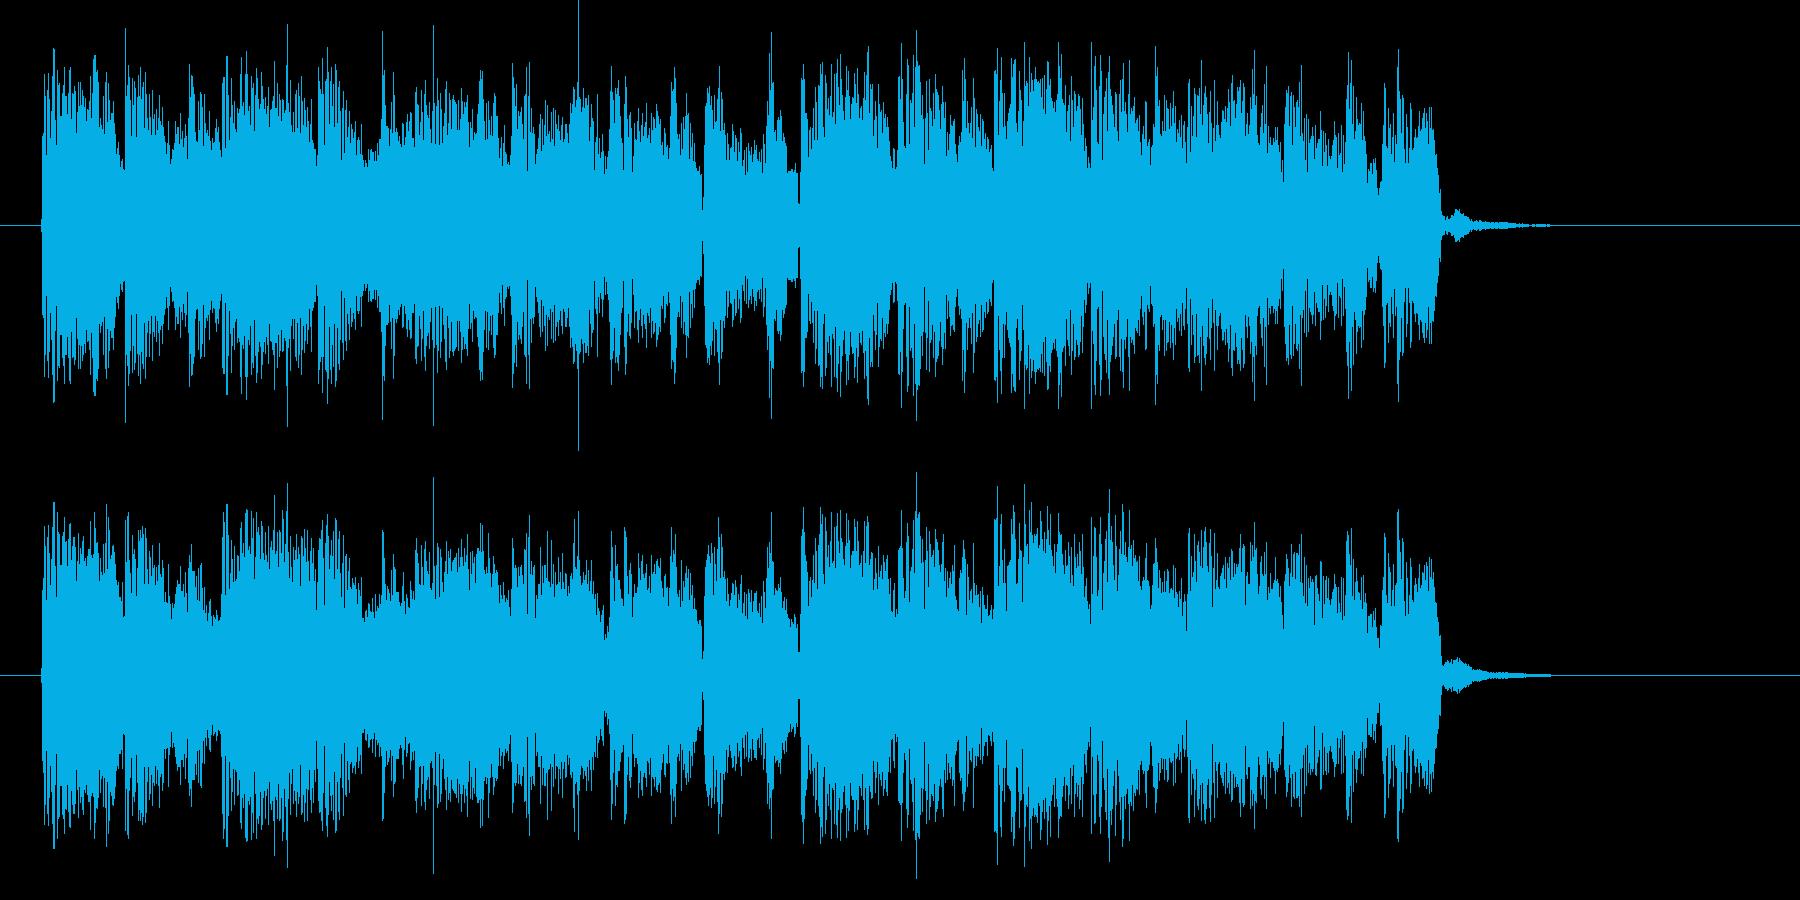 幻想的でゆったりとした音楽の再生済みの波形